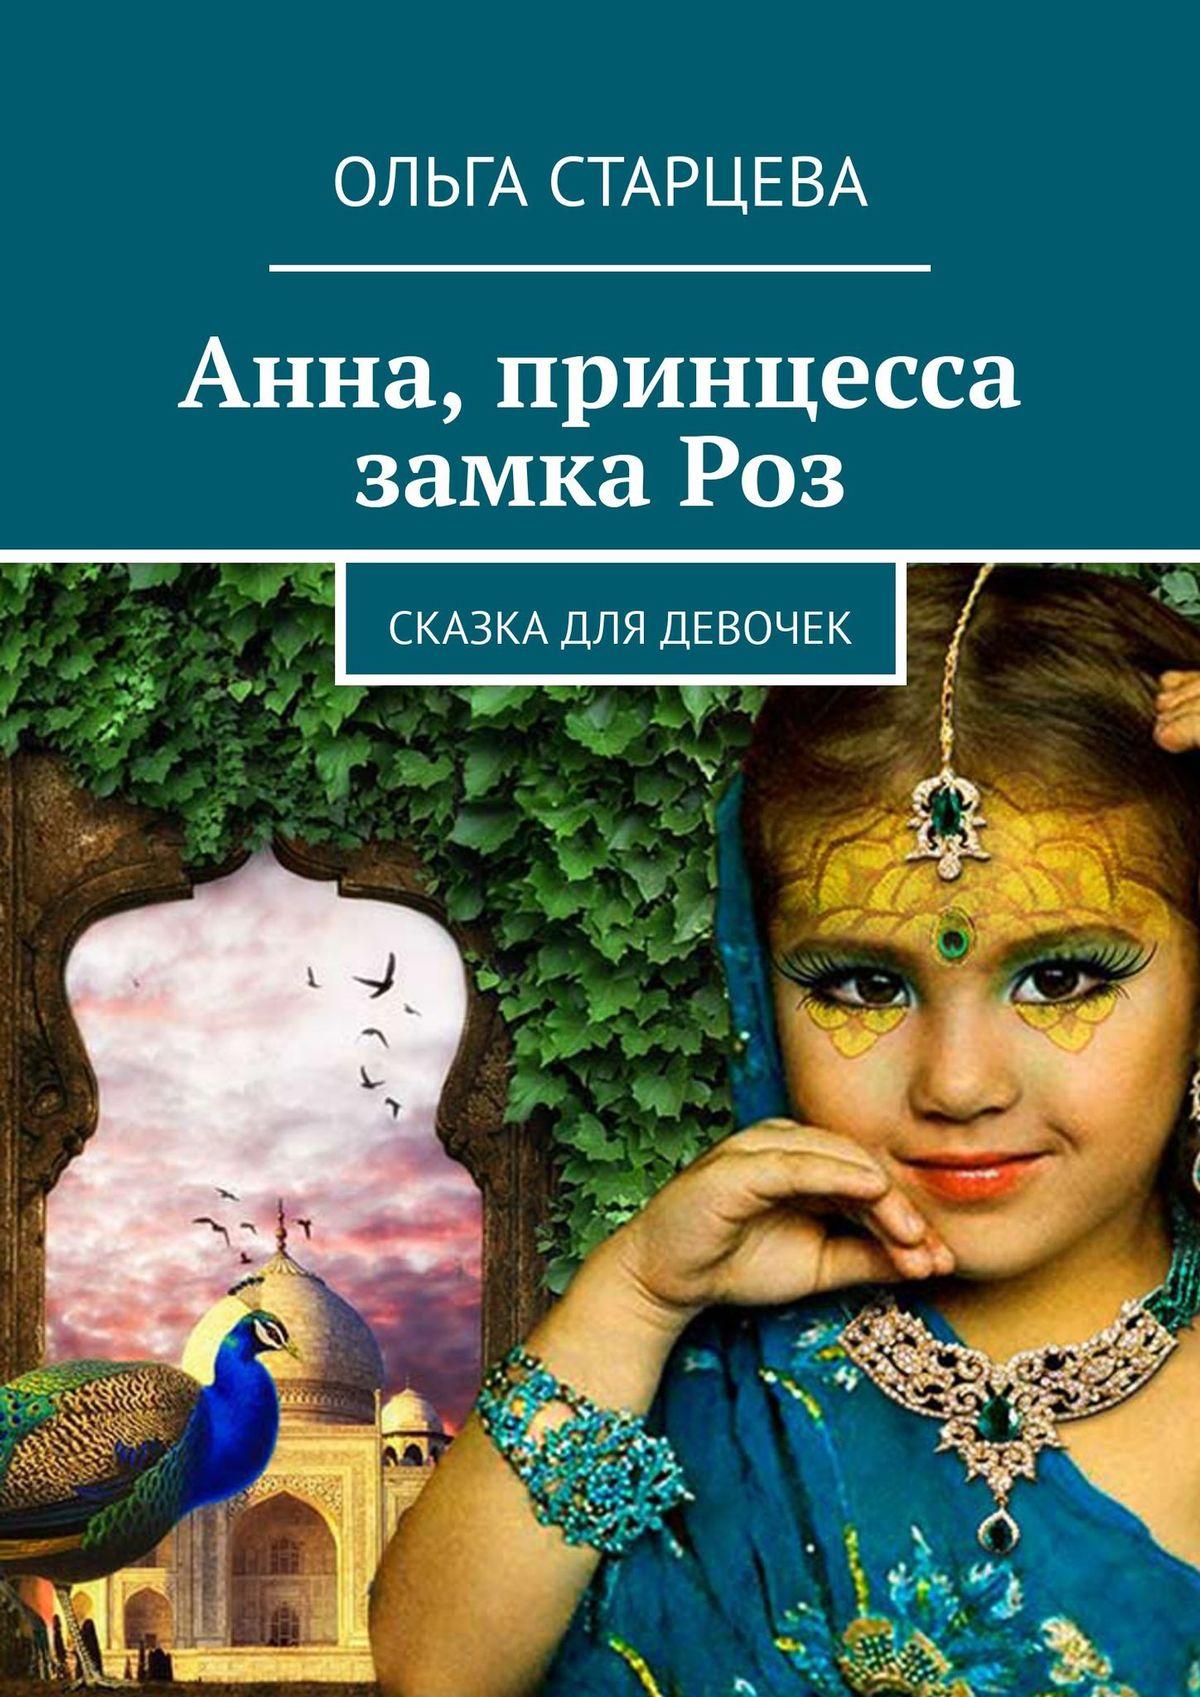 Ольга Старцева Анна, принцесса замкаРоз ольга старцева иностранка